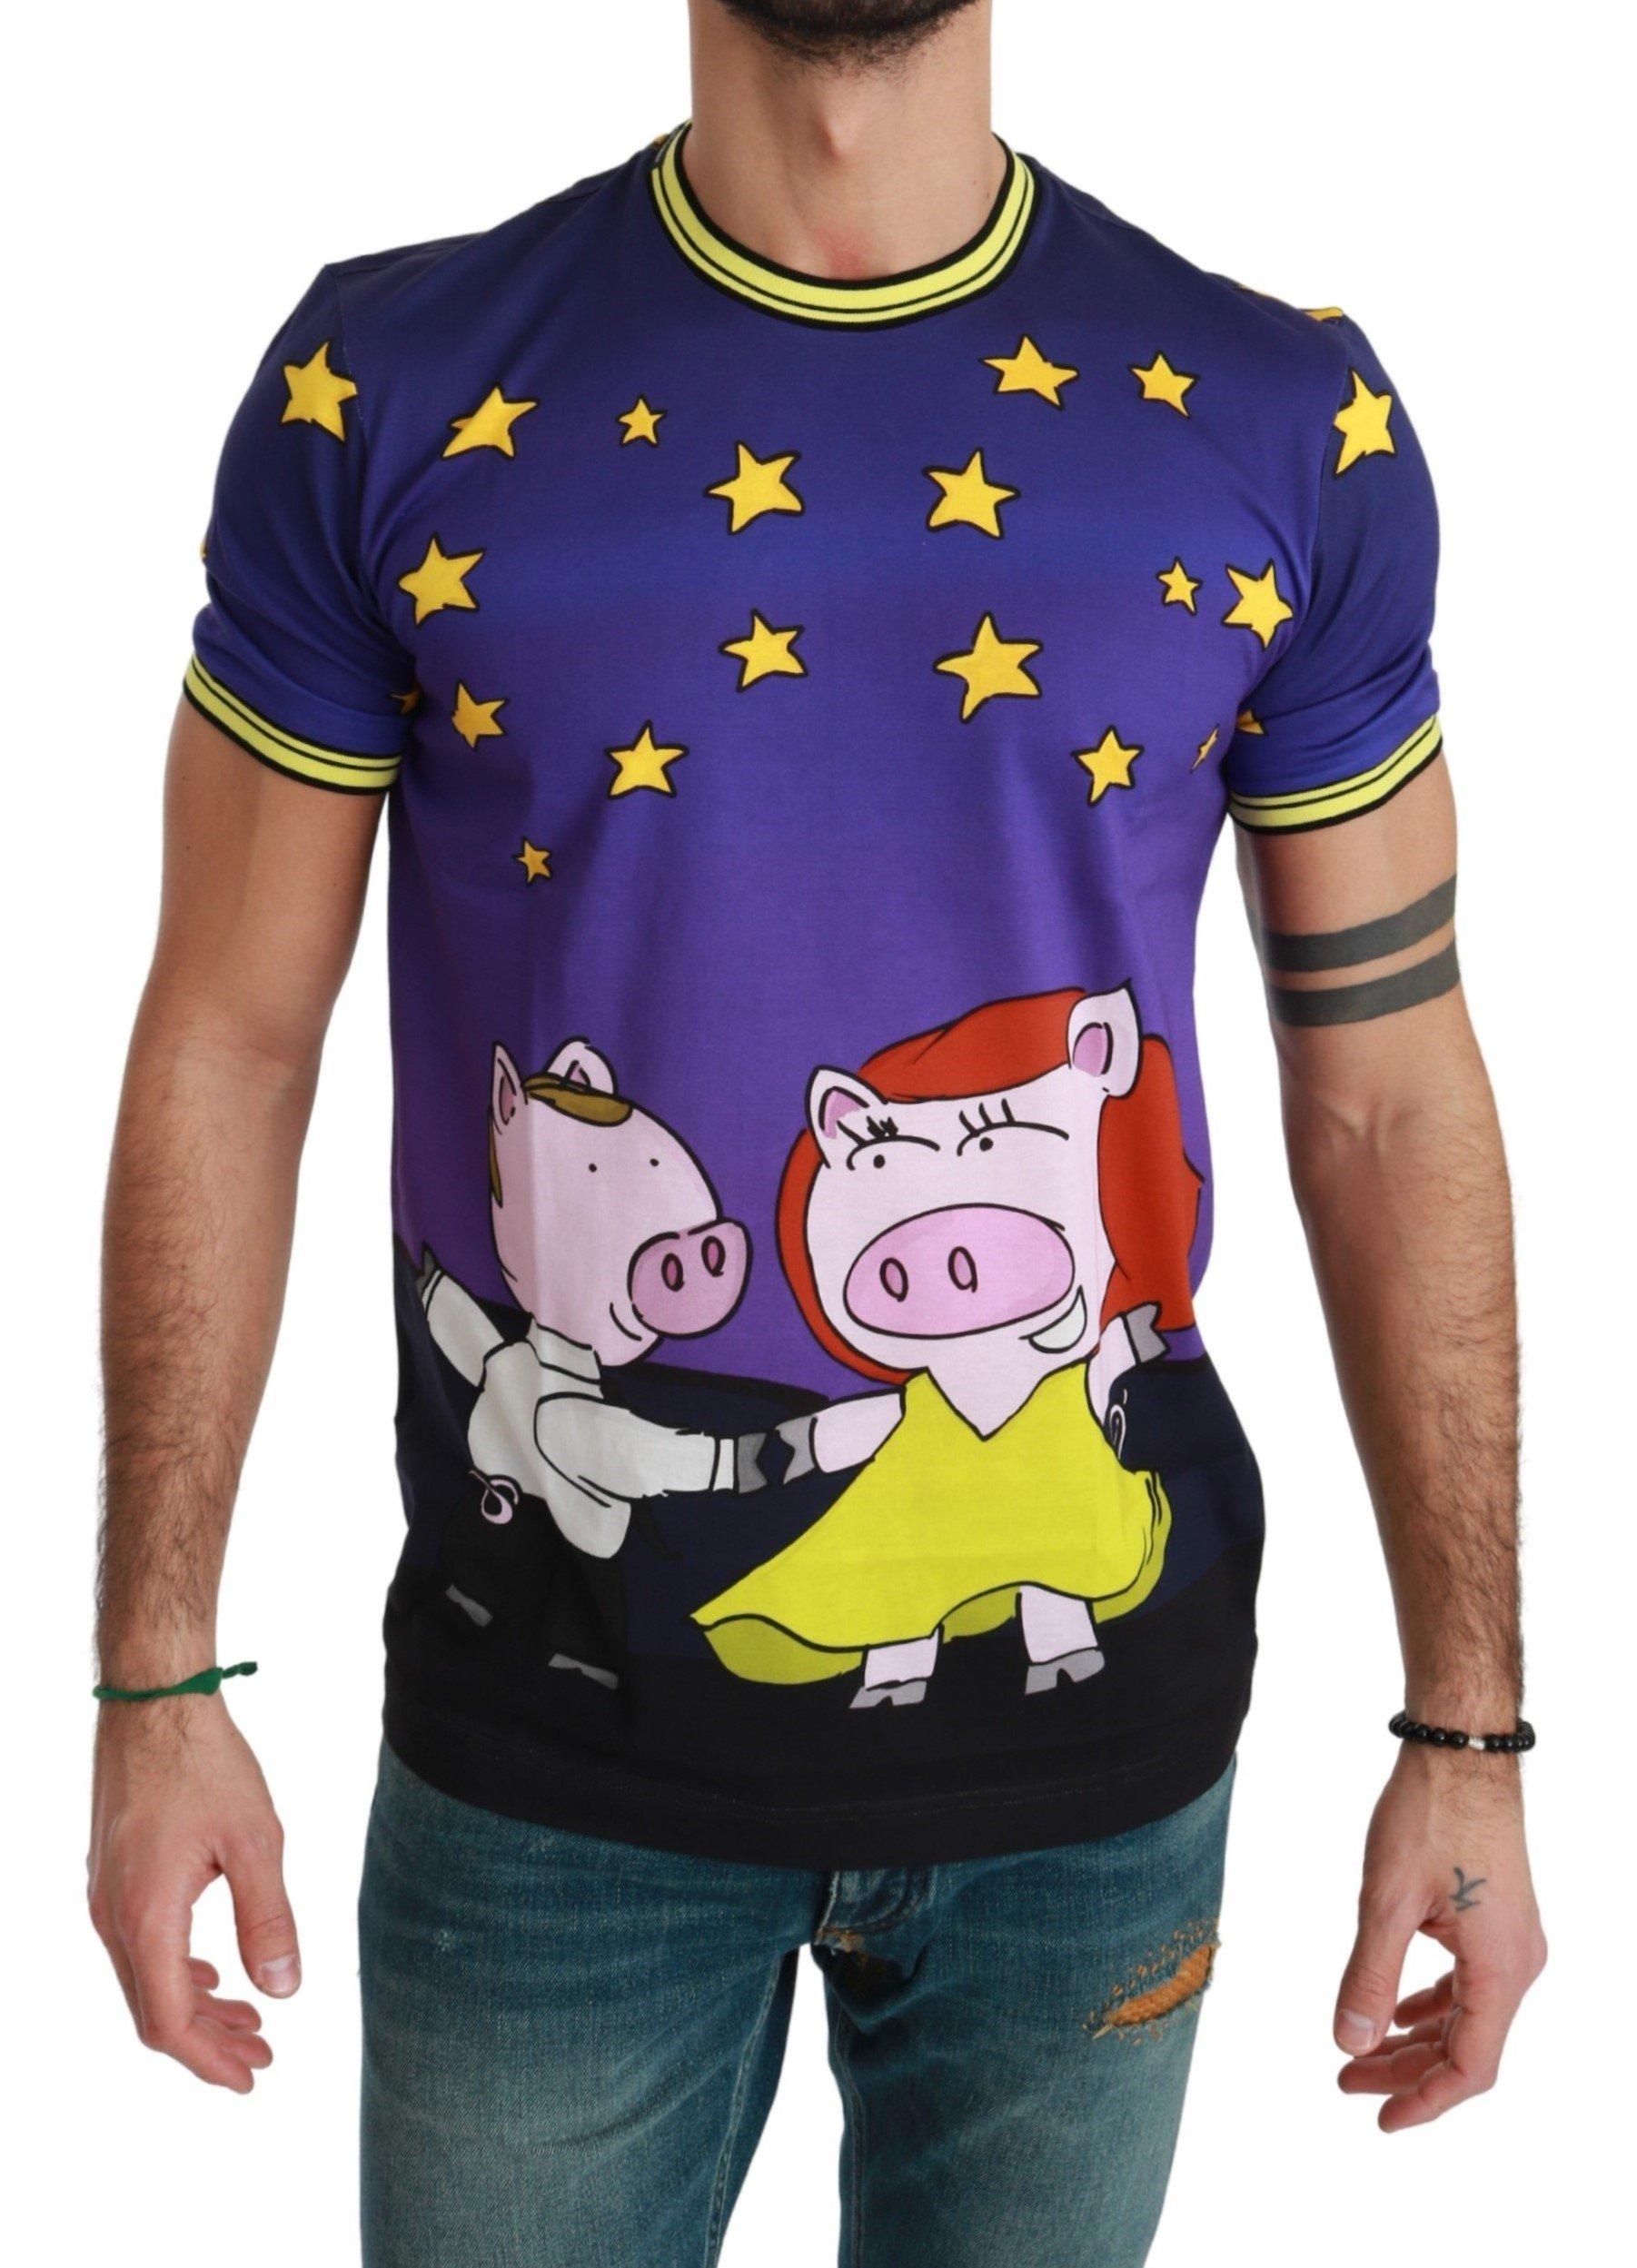 Dolce & Gabbana Men's Cotton Pig T-Shirt Purple TSH4562 - IT46 | S